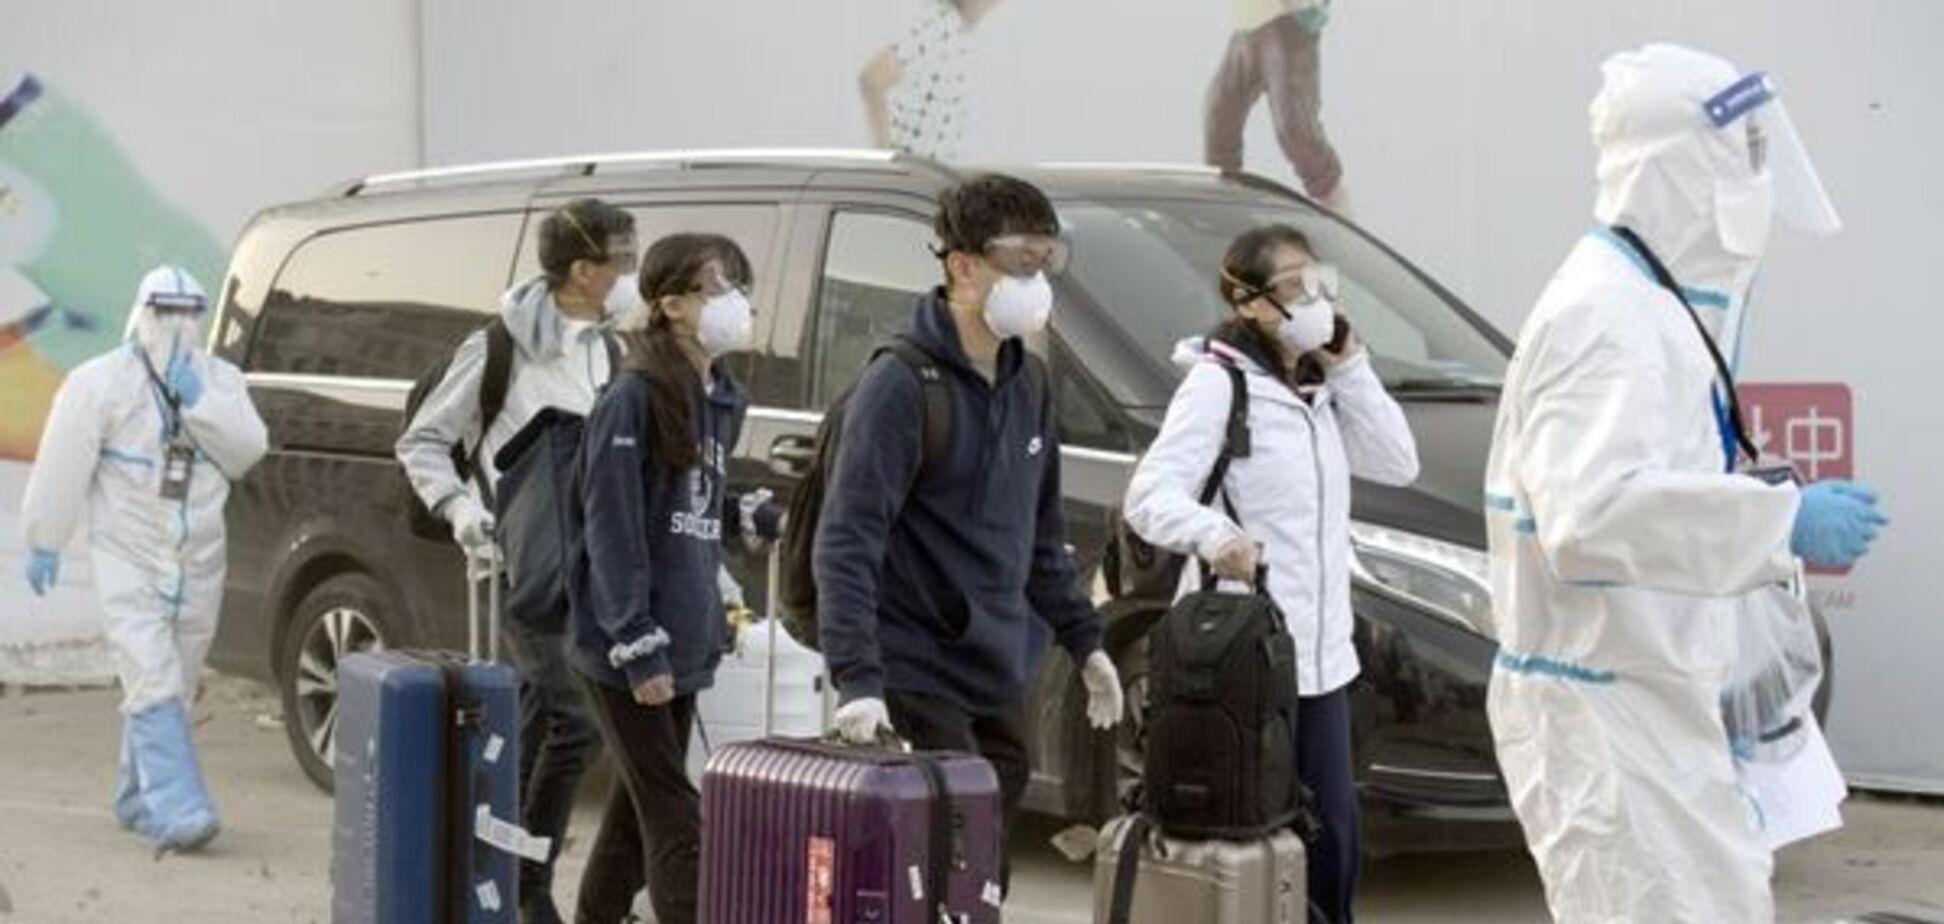 Пекин нагло лгал всему миру о коронавирусе, подвергая нас смертельной опасности